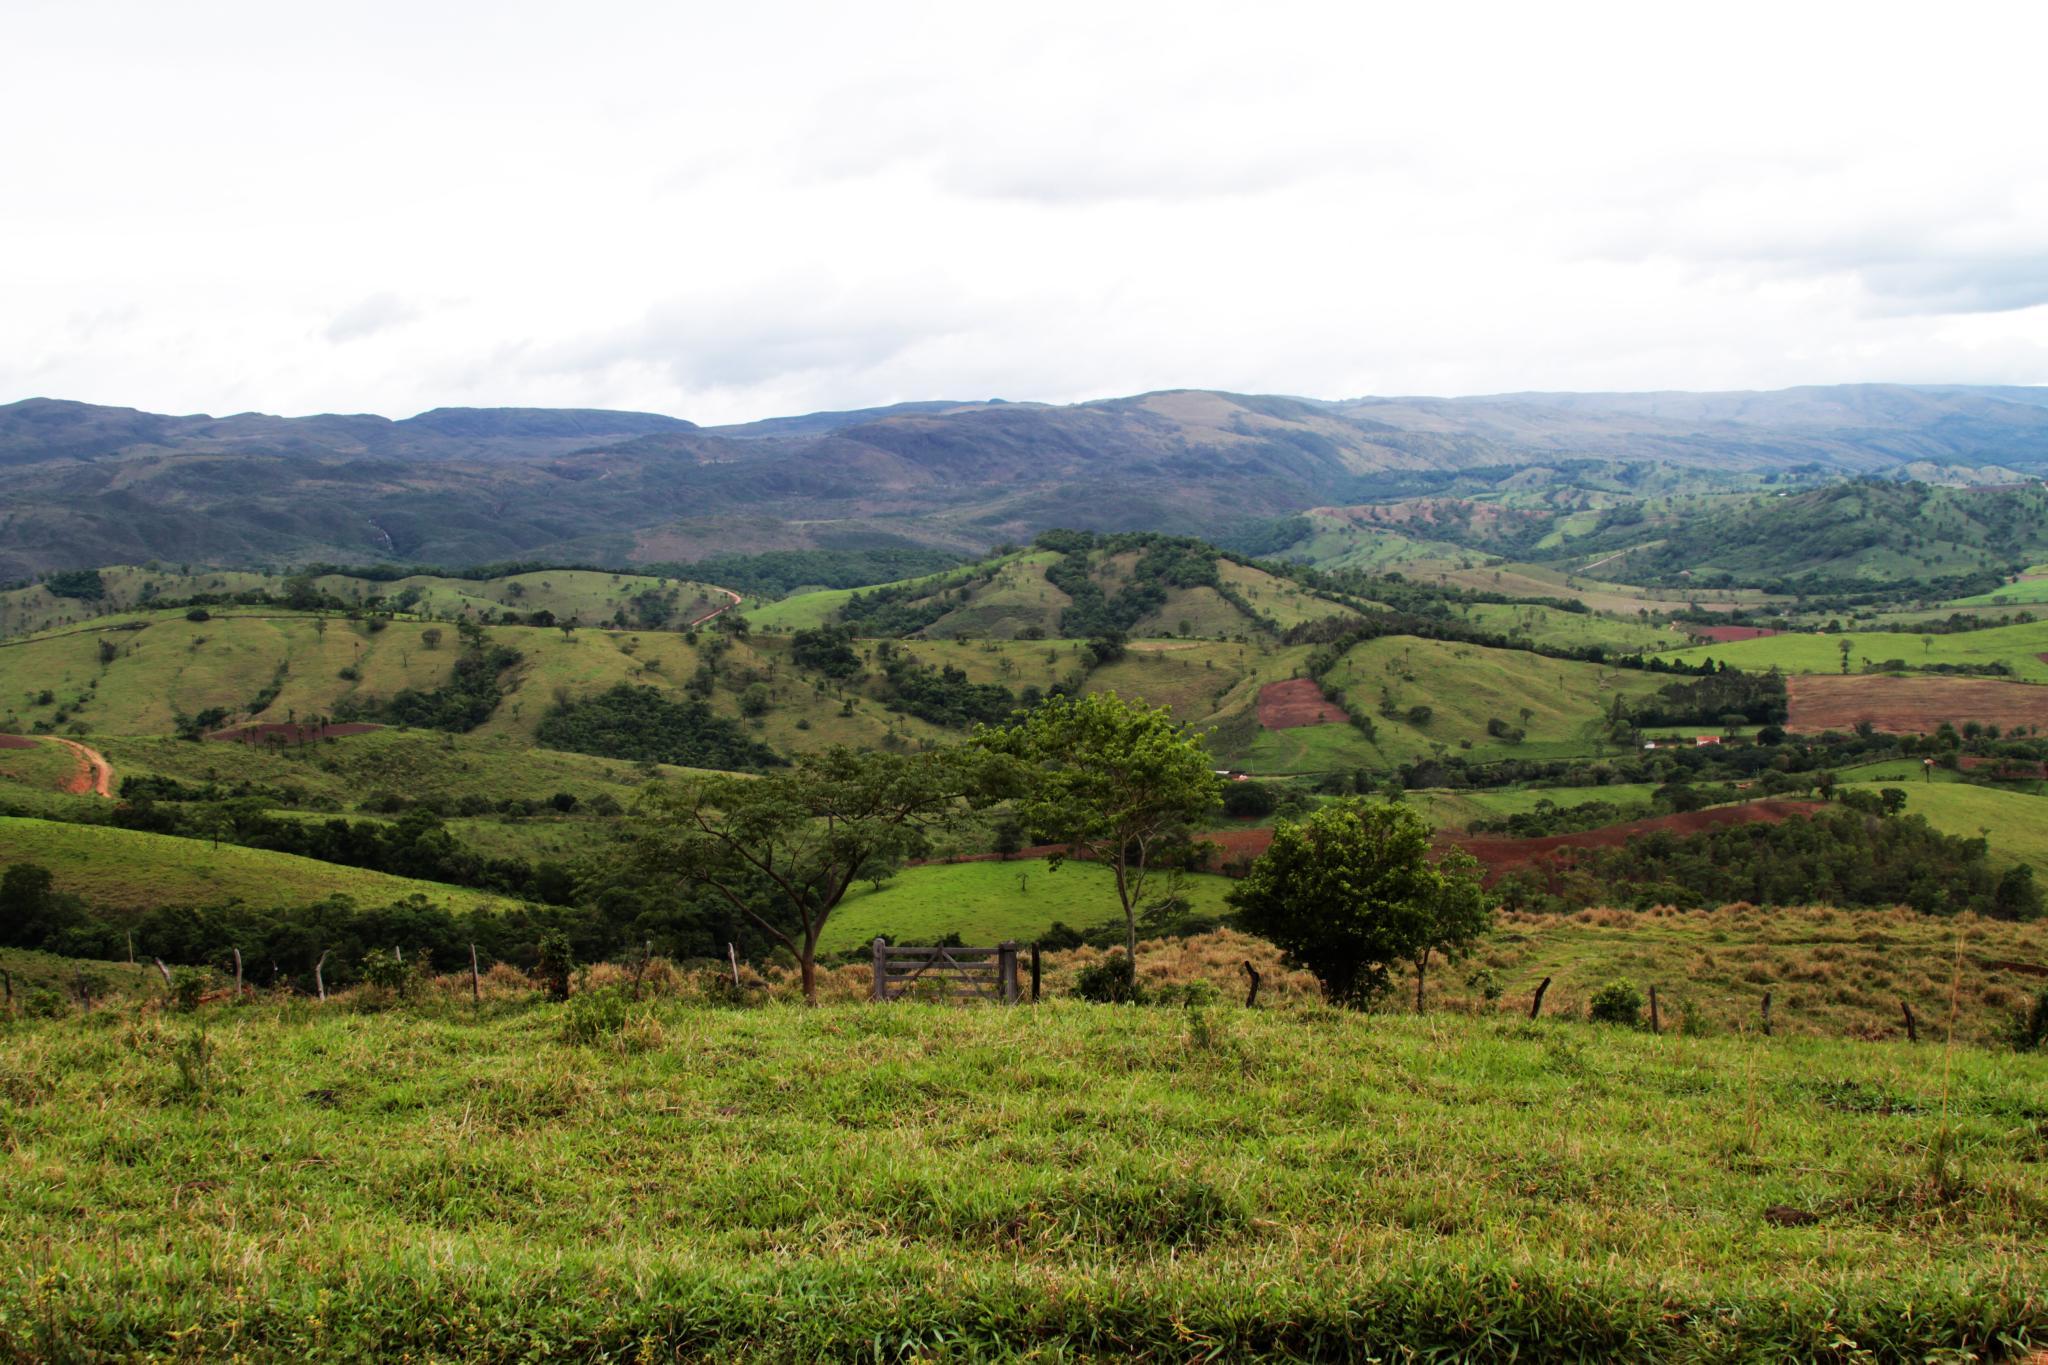 Vista da Serra da Canastra a partir de Definópolis, Minas Gerais